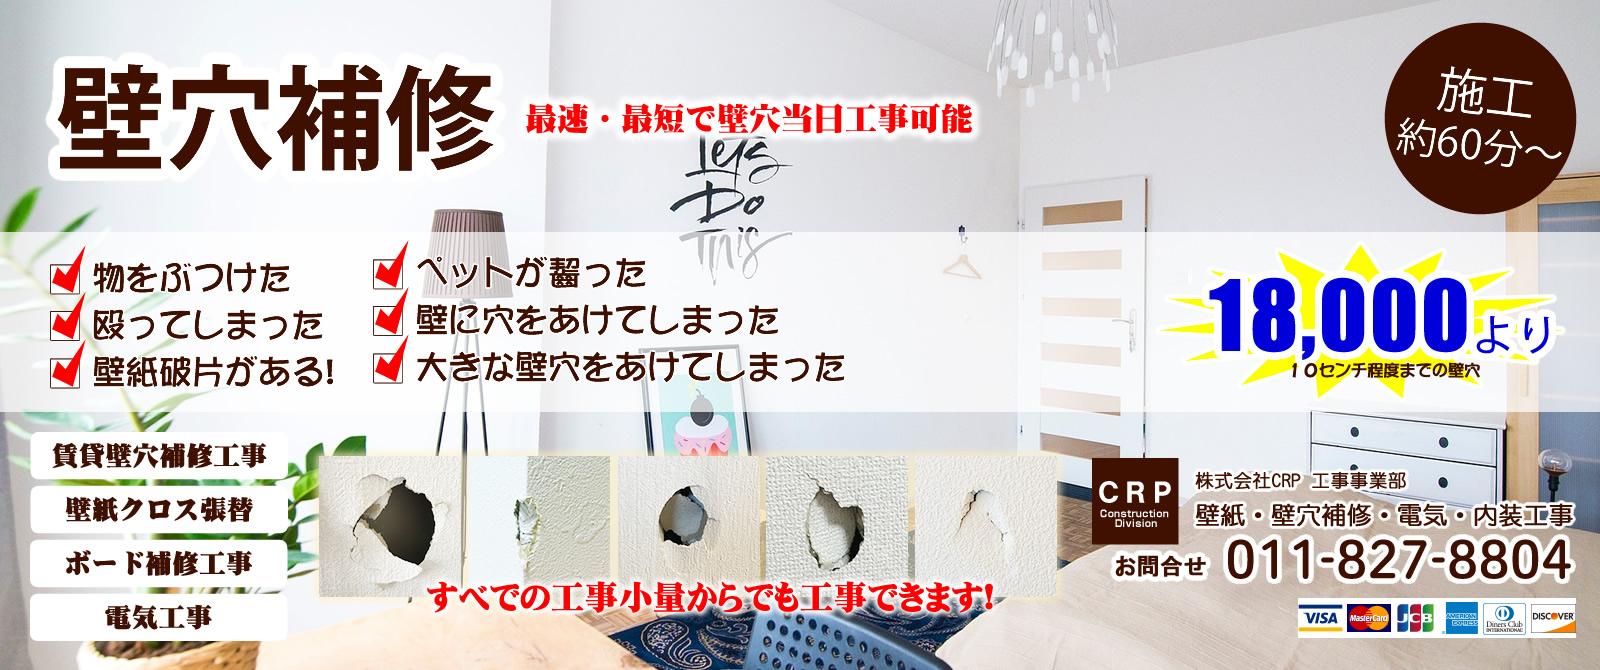 札幌市内で壁穴 壁紙補修 クロス張替工事を行っております 内装